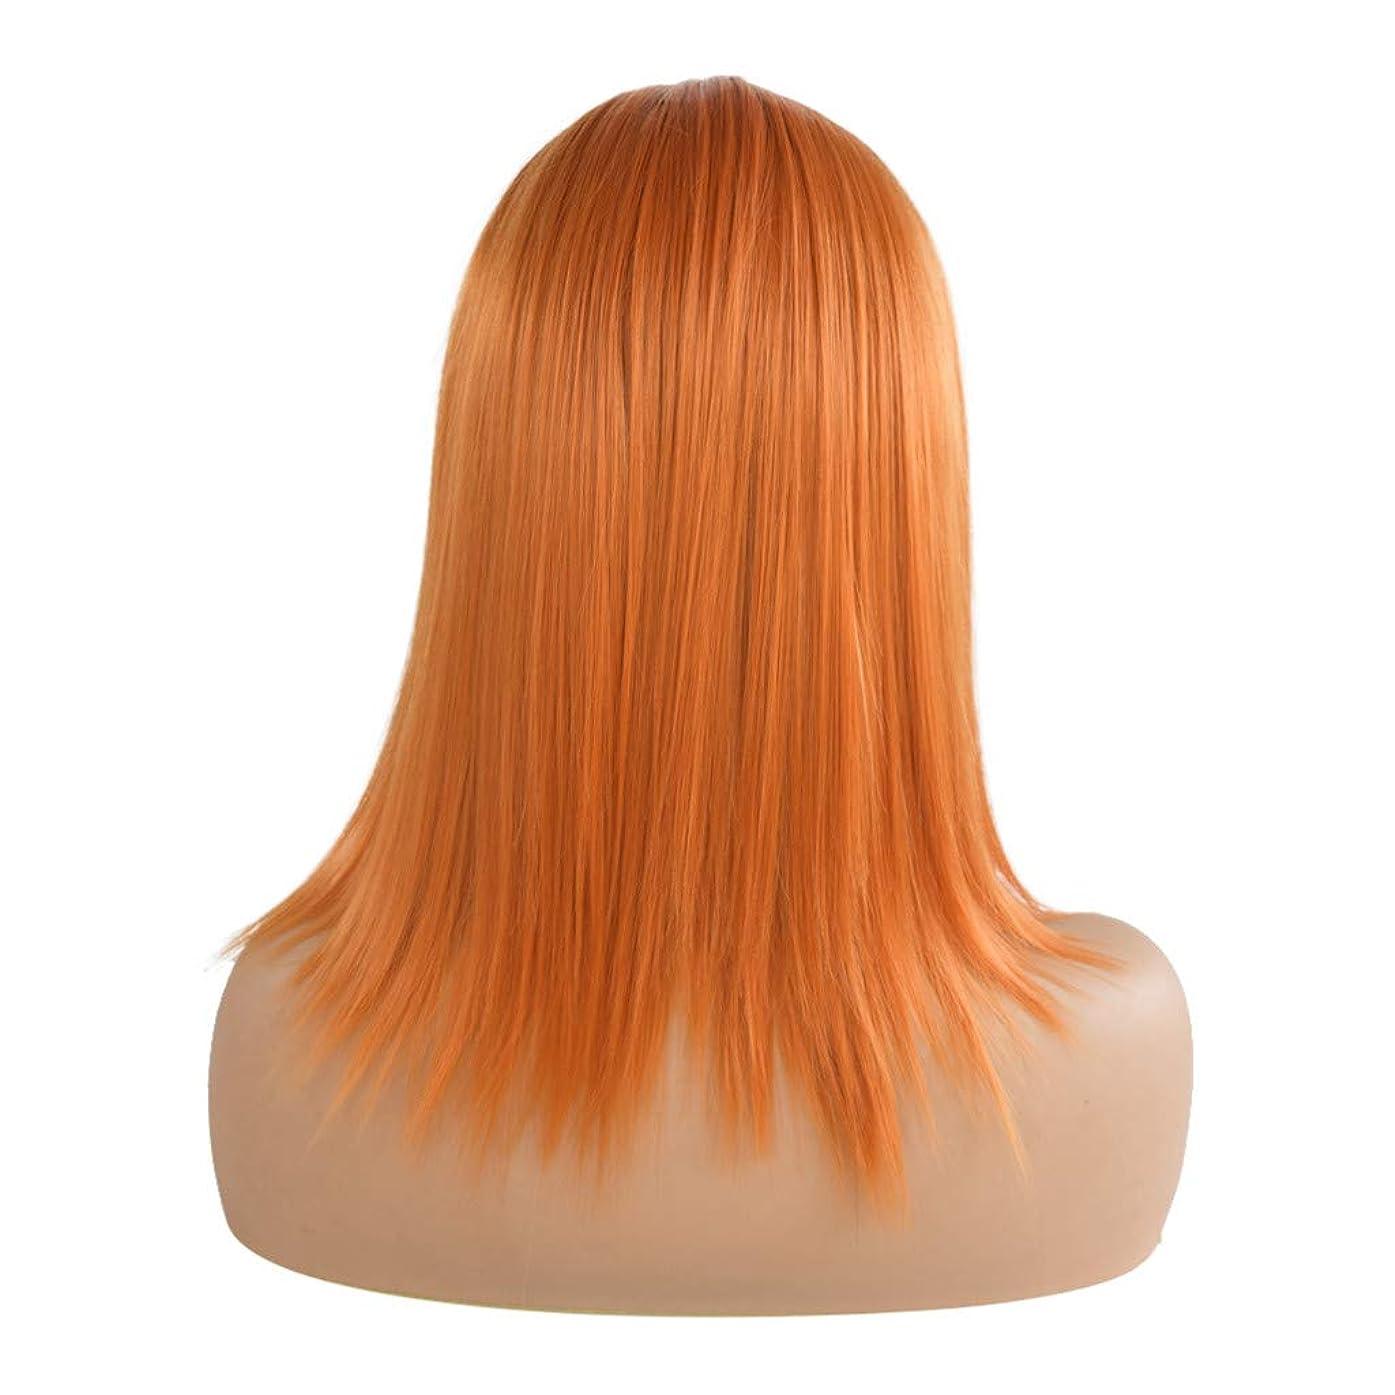 ソースお酢呼びかけるウィッグオレンジショートストレートヘアフロントレースファッションウィッグ18インチ